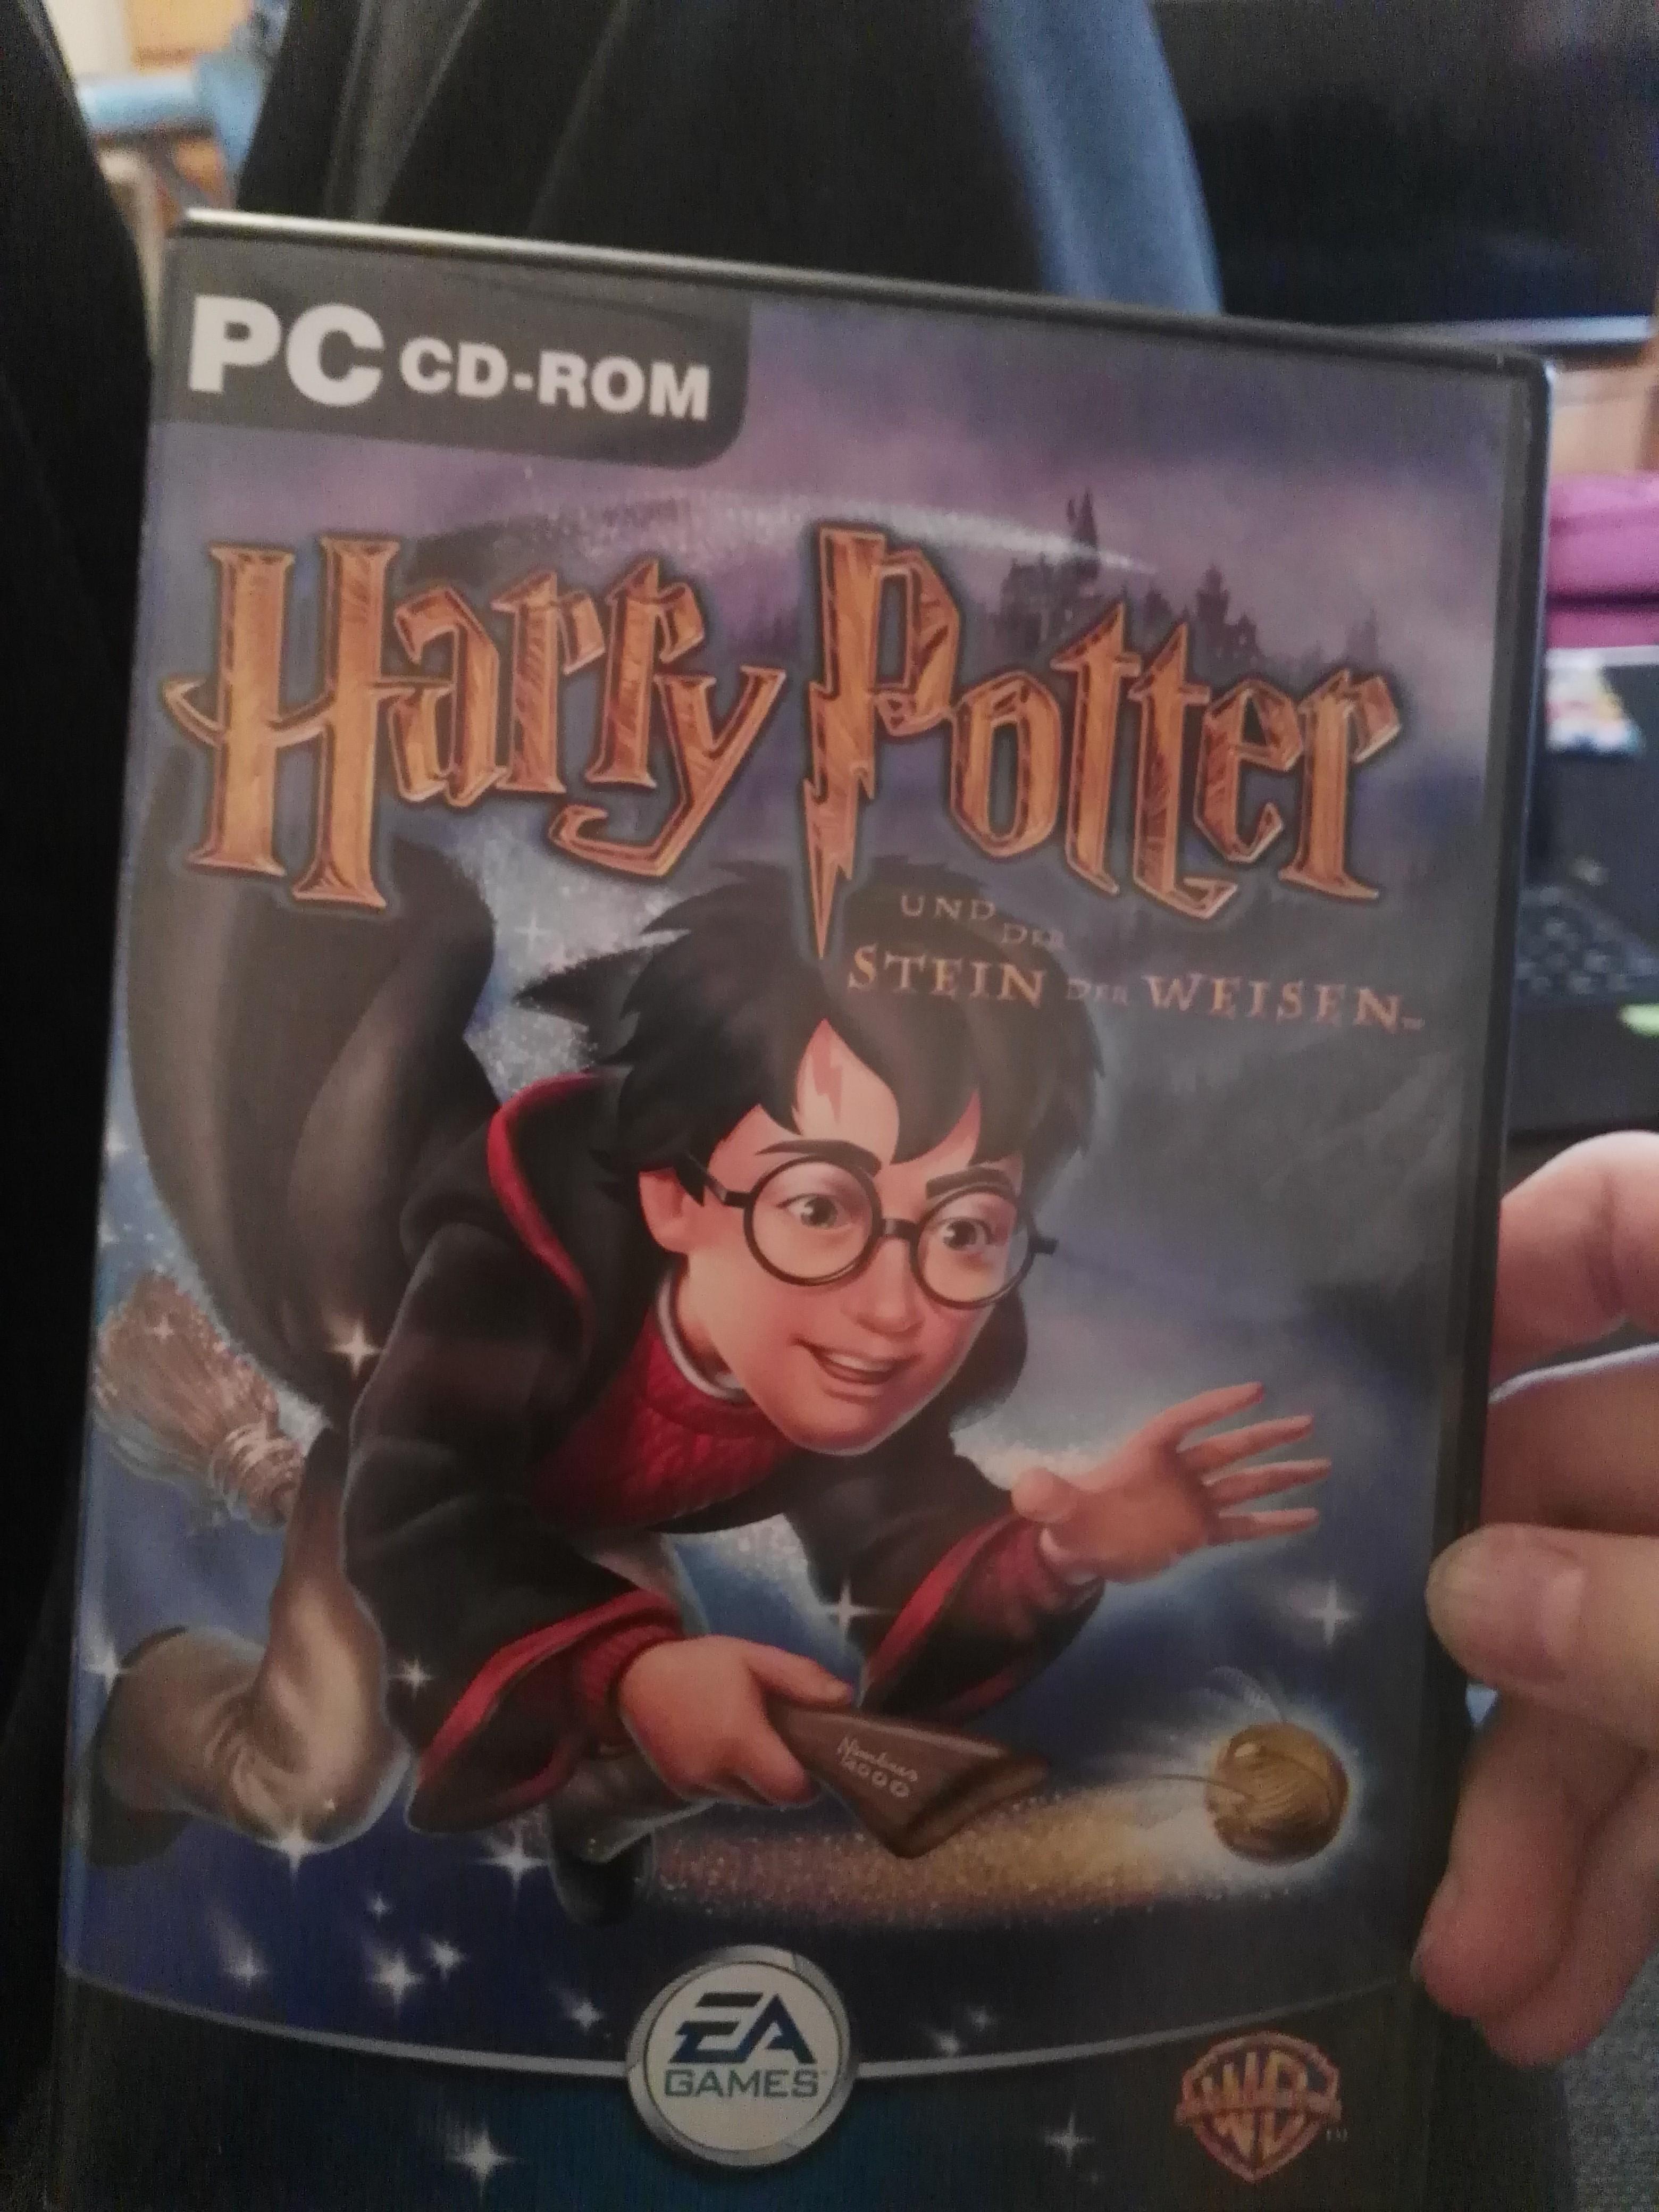 Harry Potter Spiele Online Kostenlos